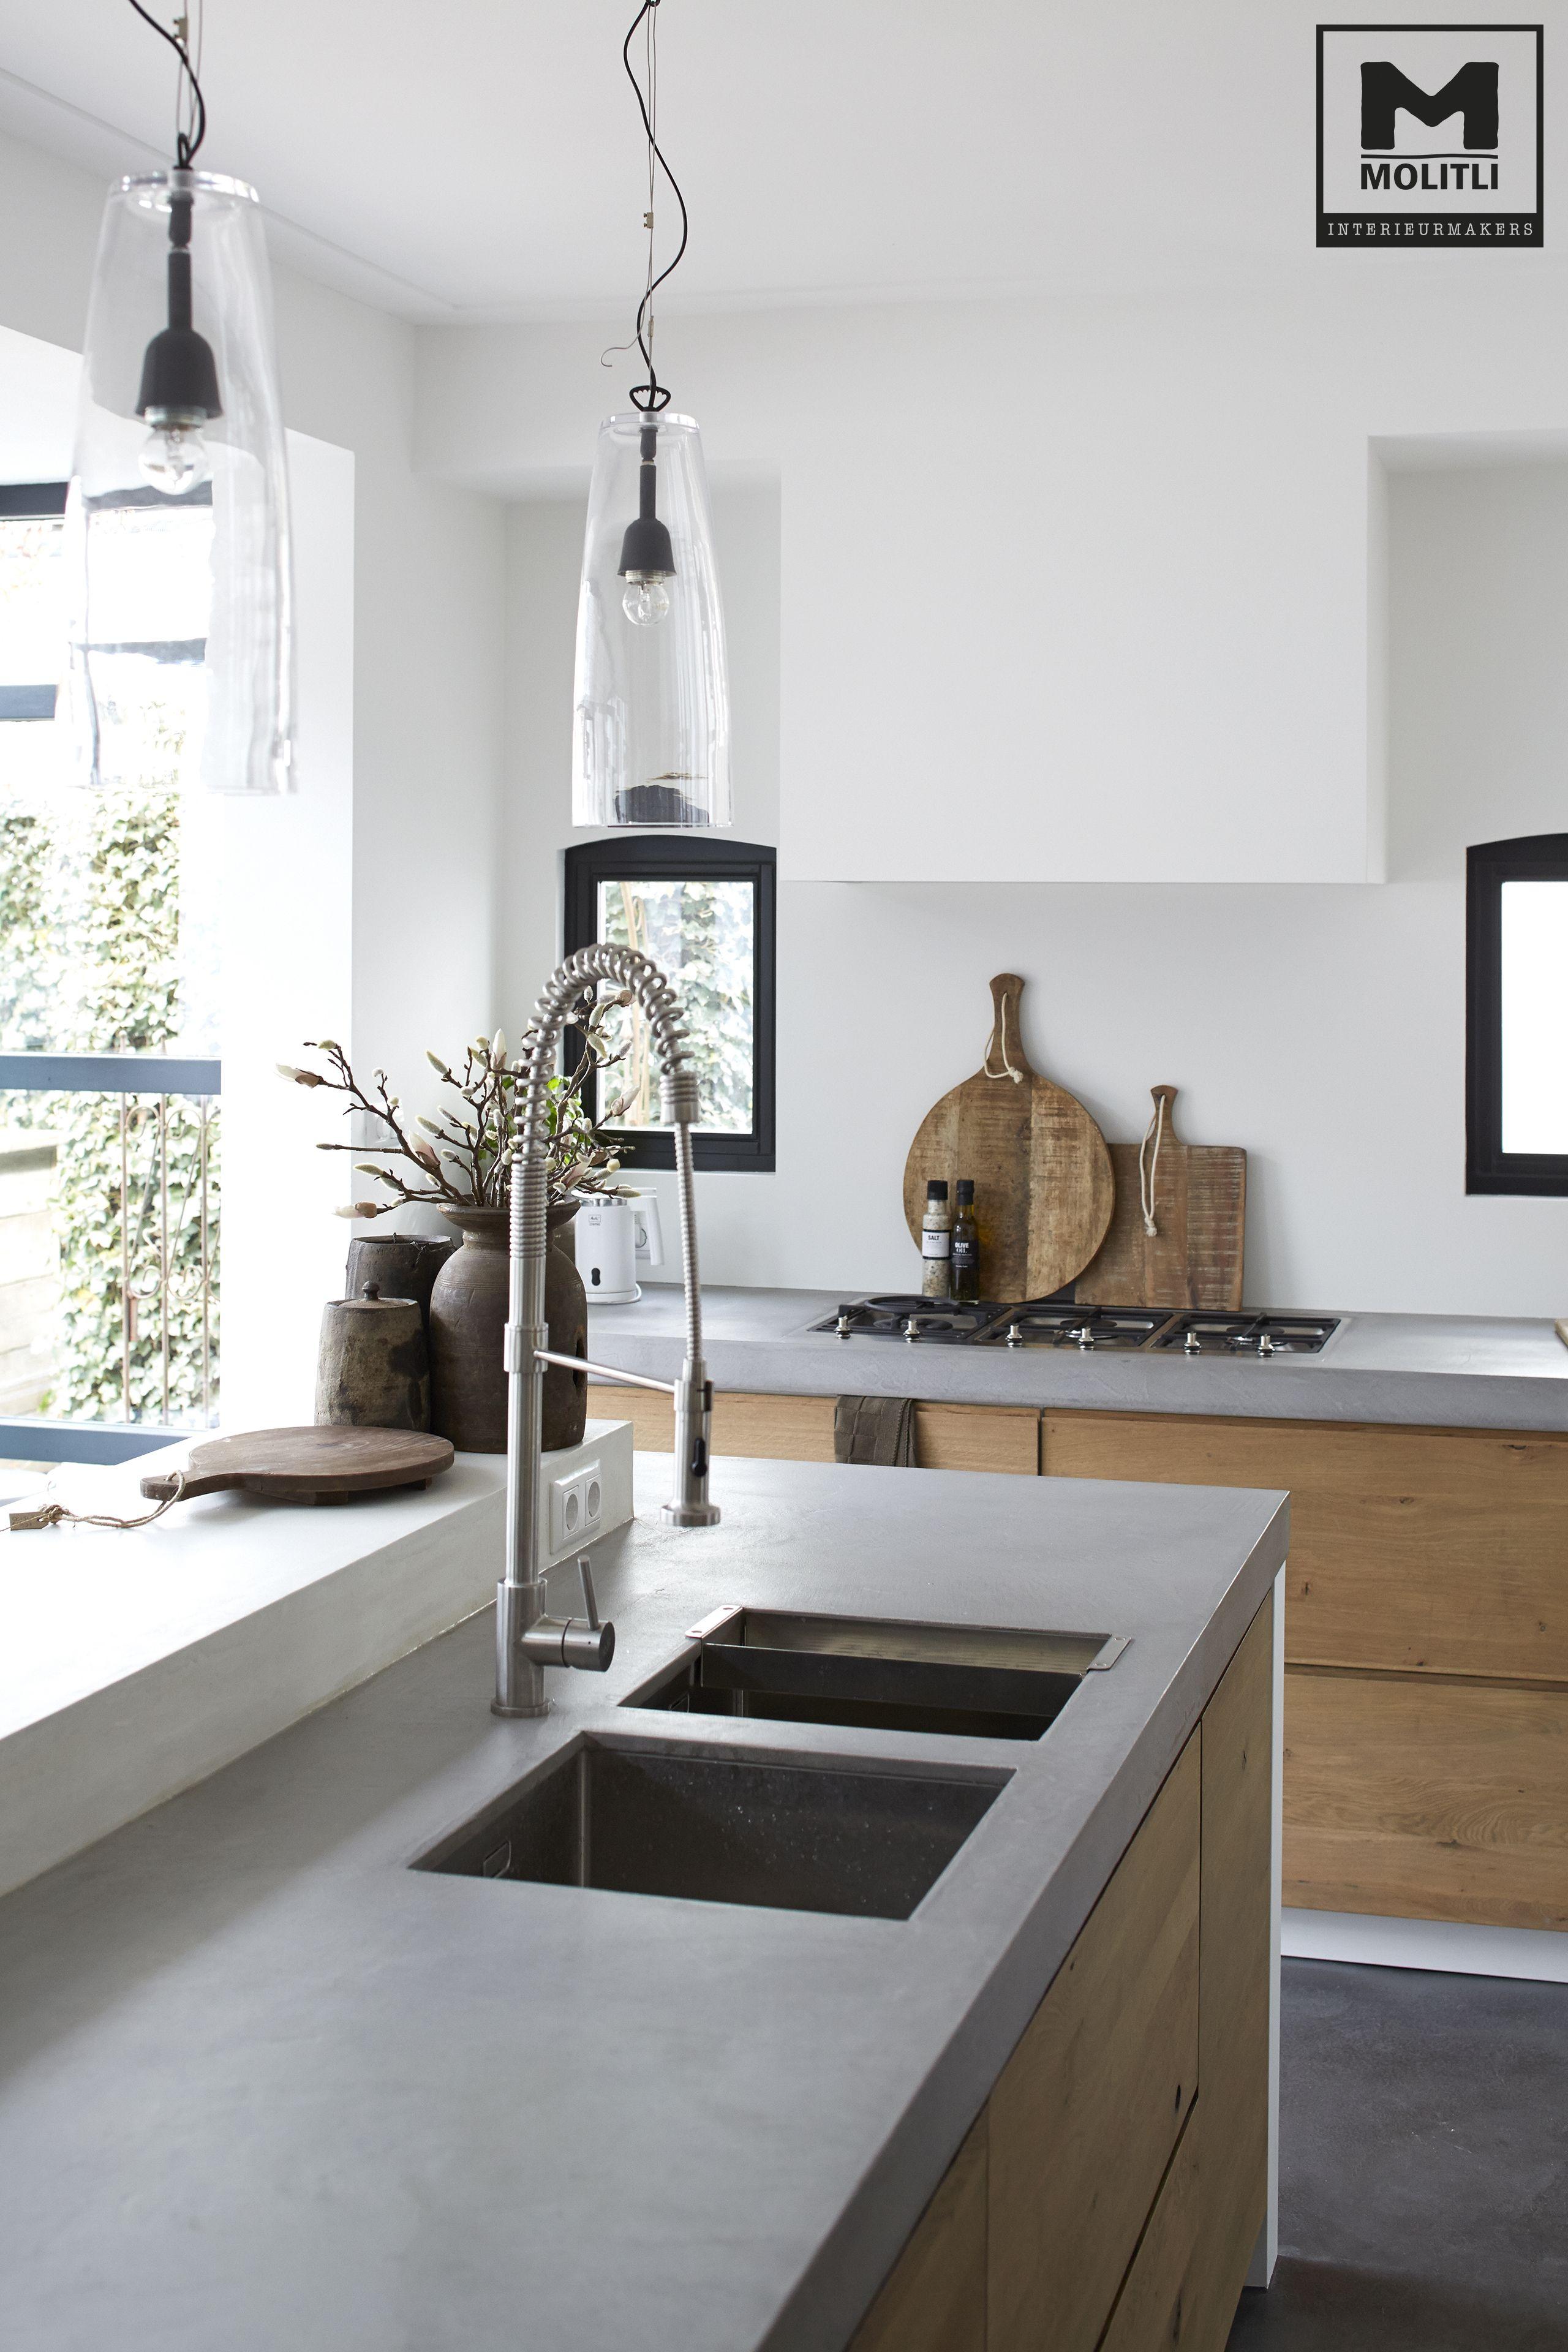 die besten 20 k che beton ideen auf pinterest k che. Black Bedroom Furniture Sets. Home Design Ideas